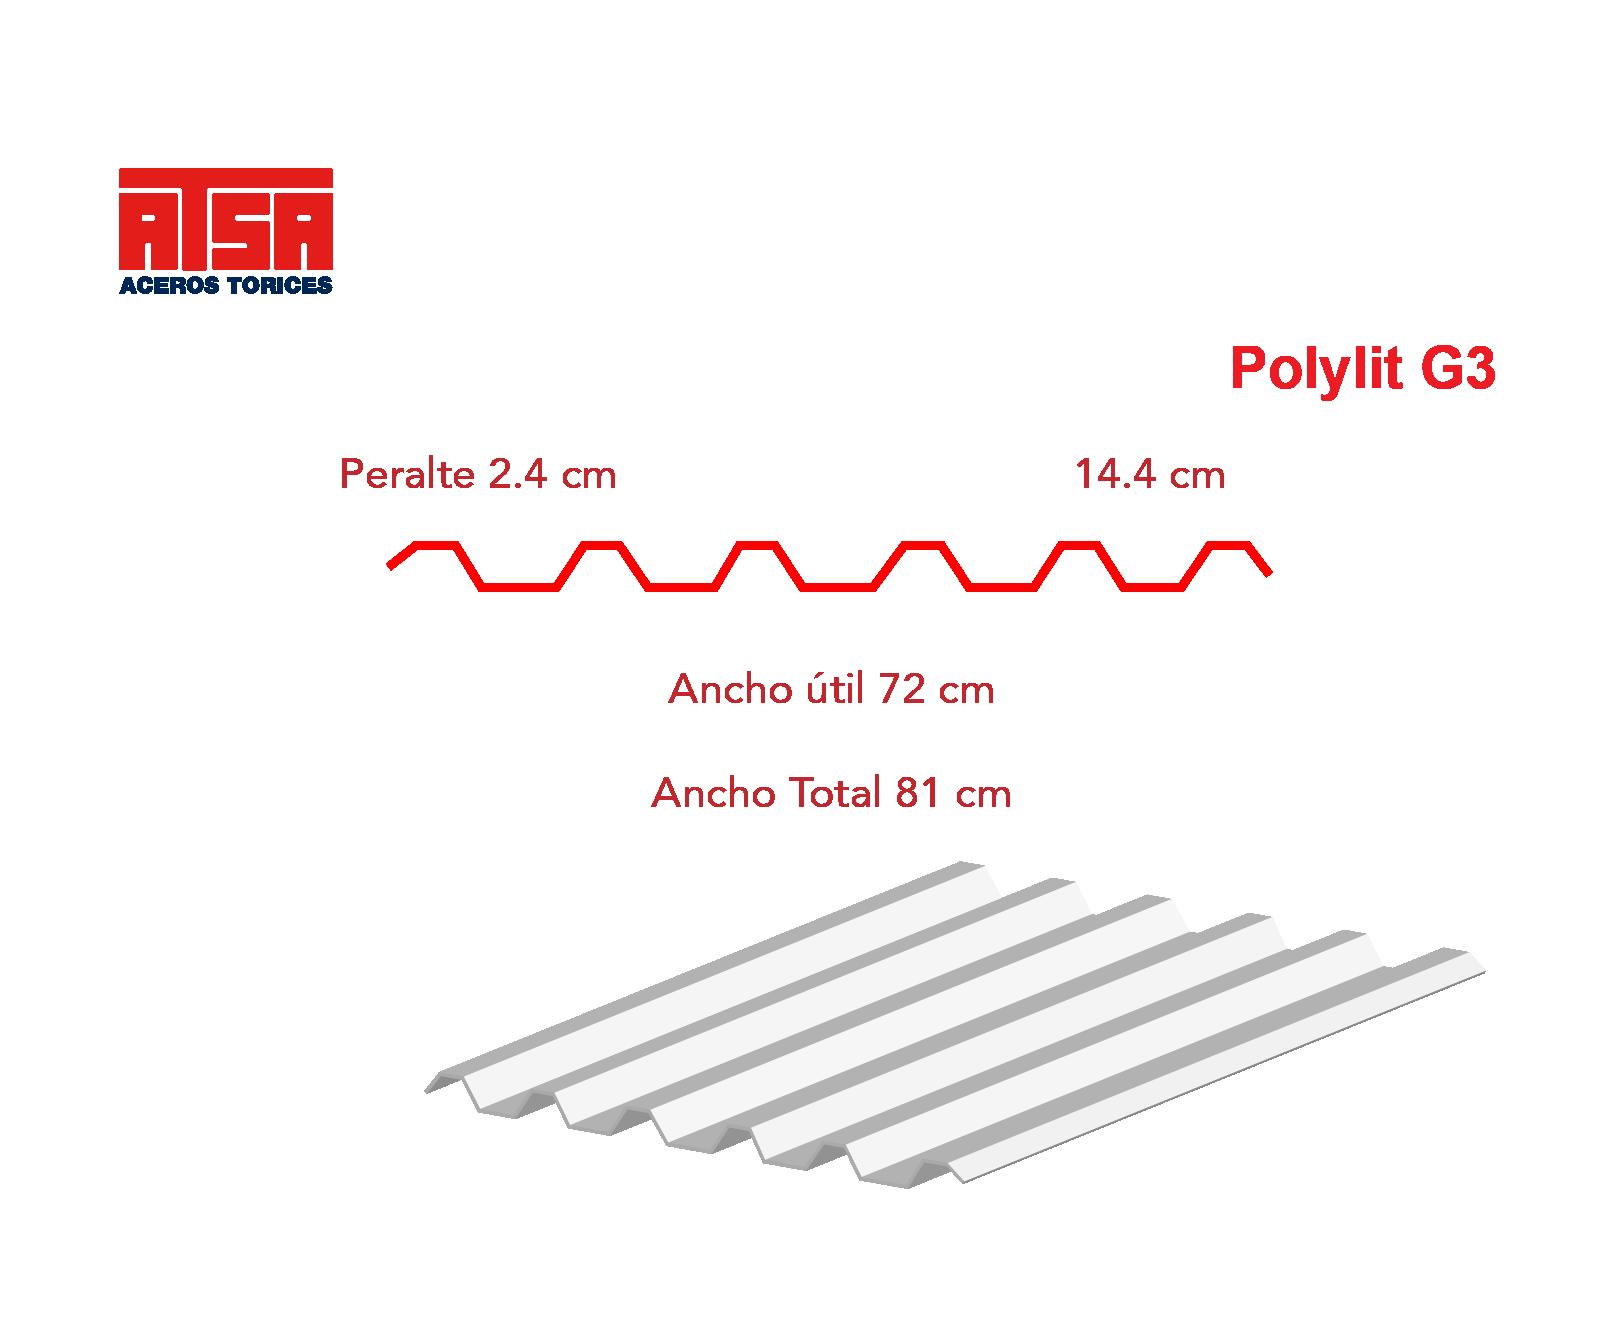 medidas-polylit-g3-2